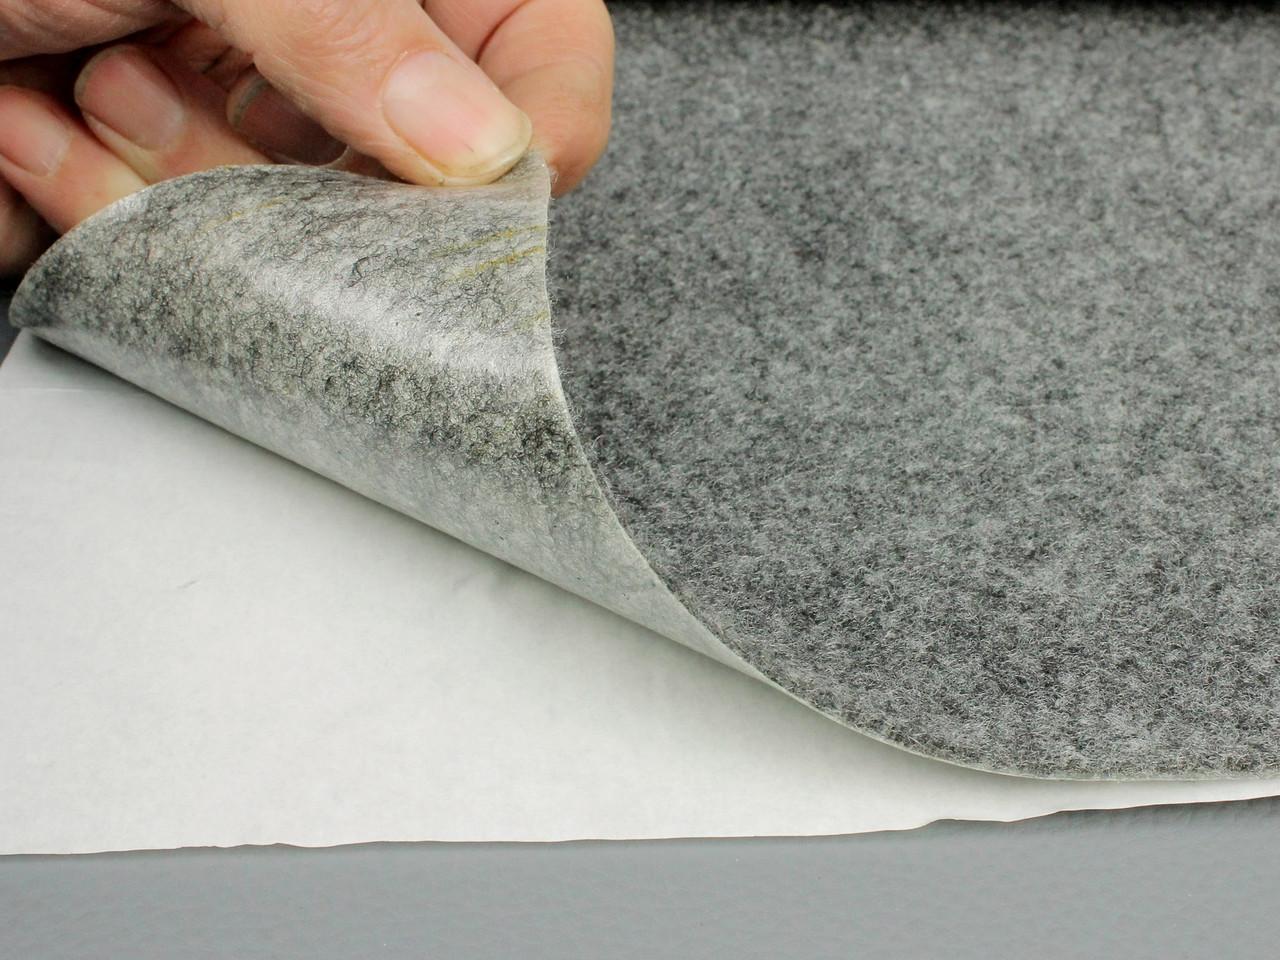 """Карпет автомобильный Серый самоклейка (лист 72х100 см), толщина 2.2 мм, плотность 300 г/м2 - Торгово-производственная компания """"Изолон-Вест"""". в Львовской области"""